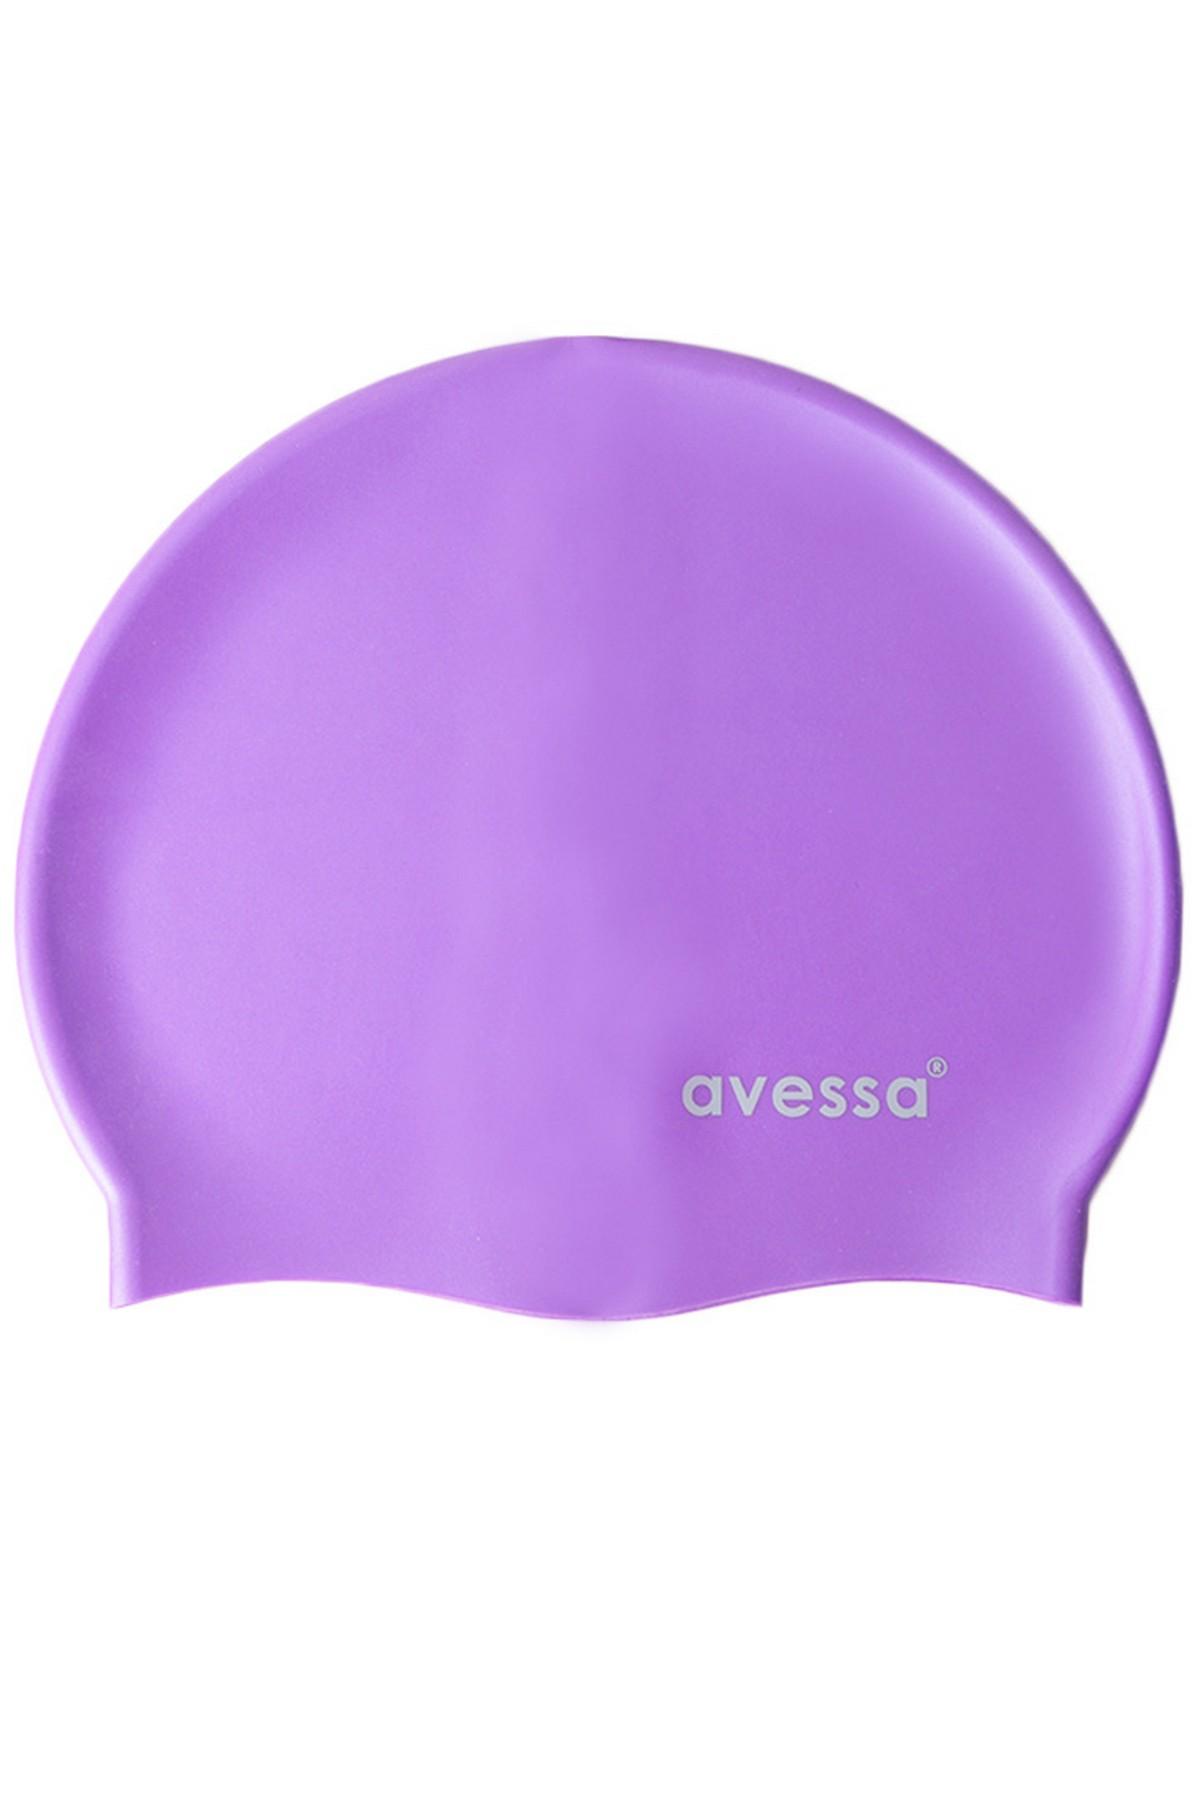 Avessa SC309